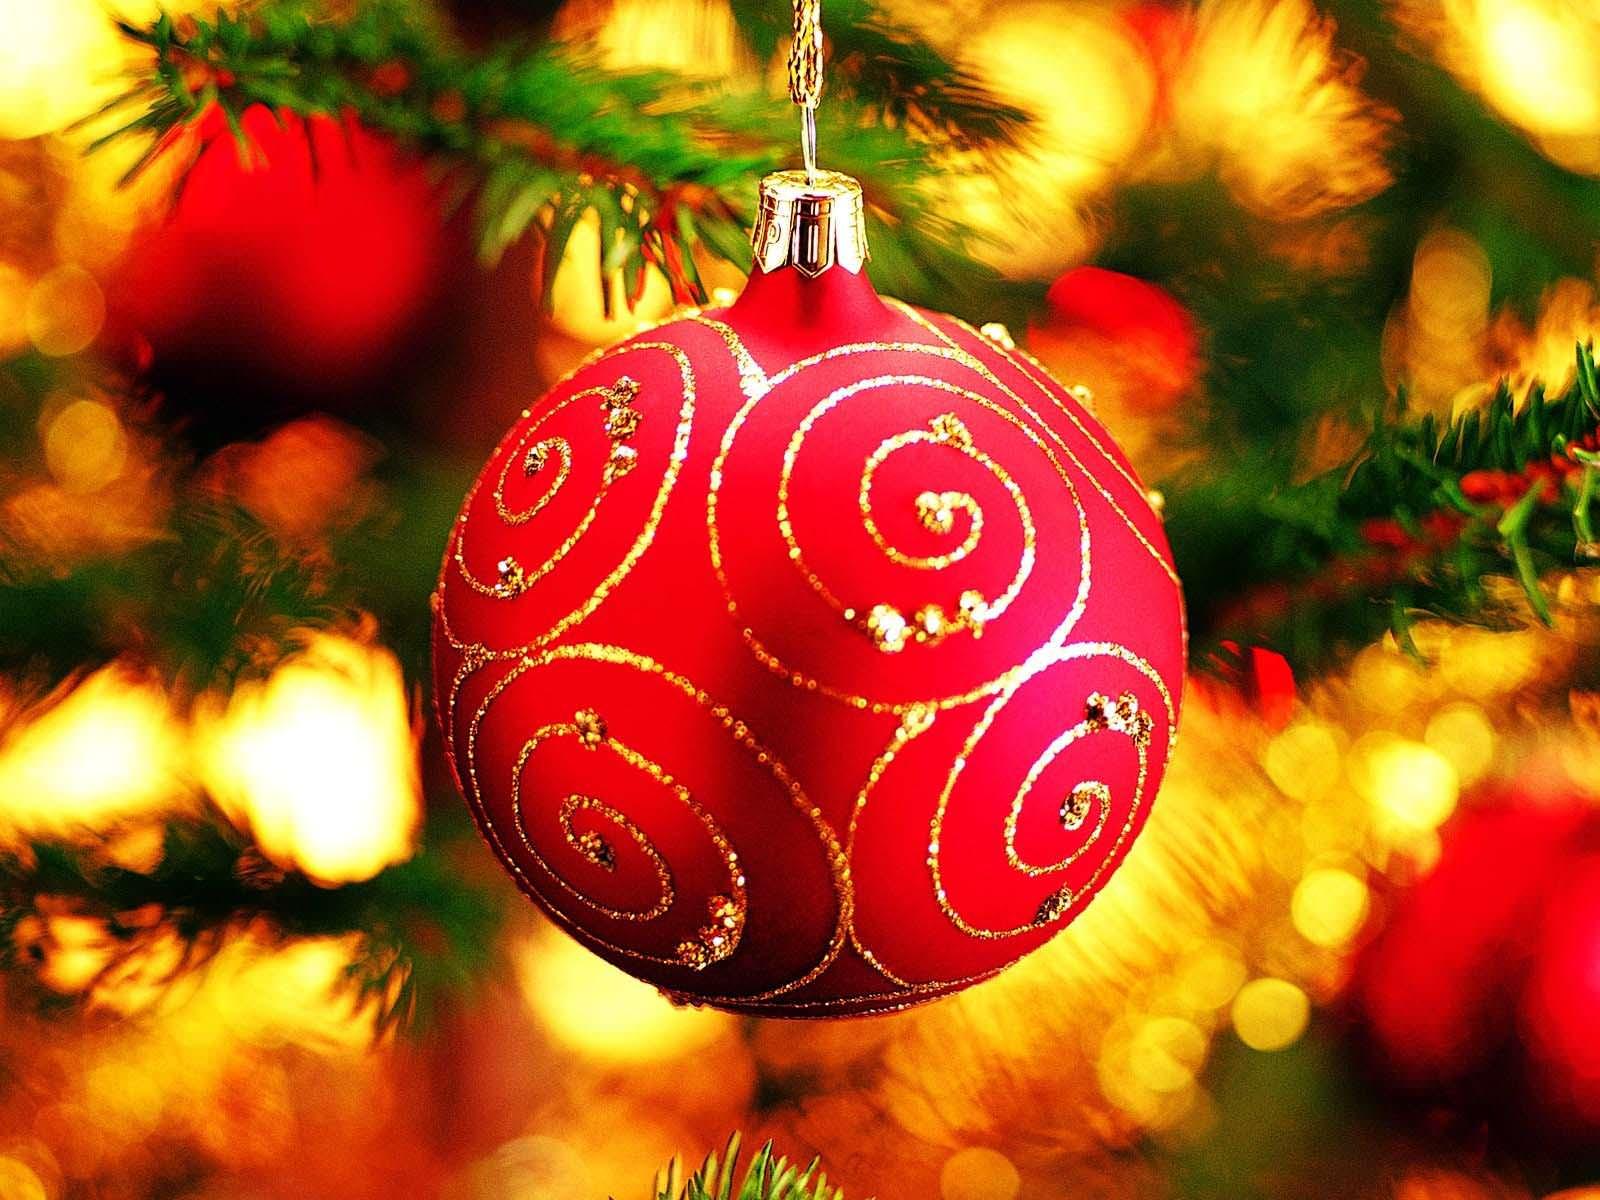 Hình nền trang trí Giáng sinh đáng yêu 1600x1200 1600x1200 - Hình nền PC tuyệt vời